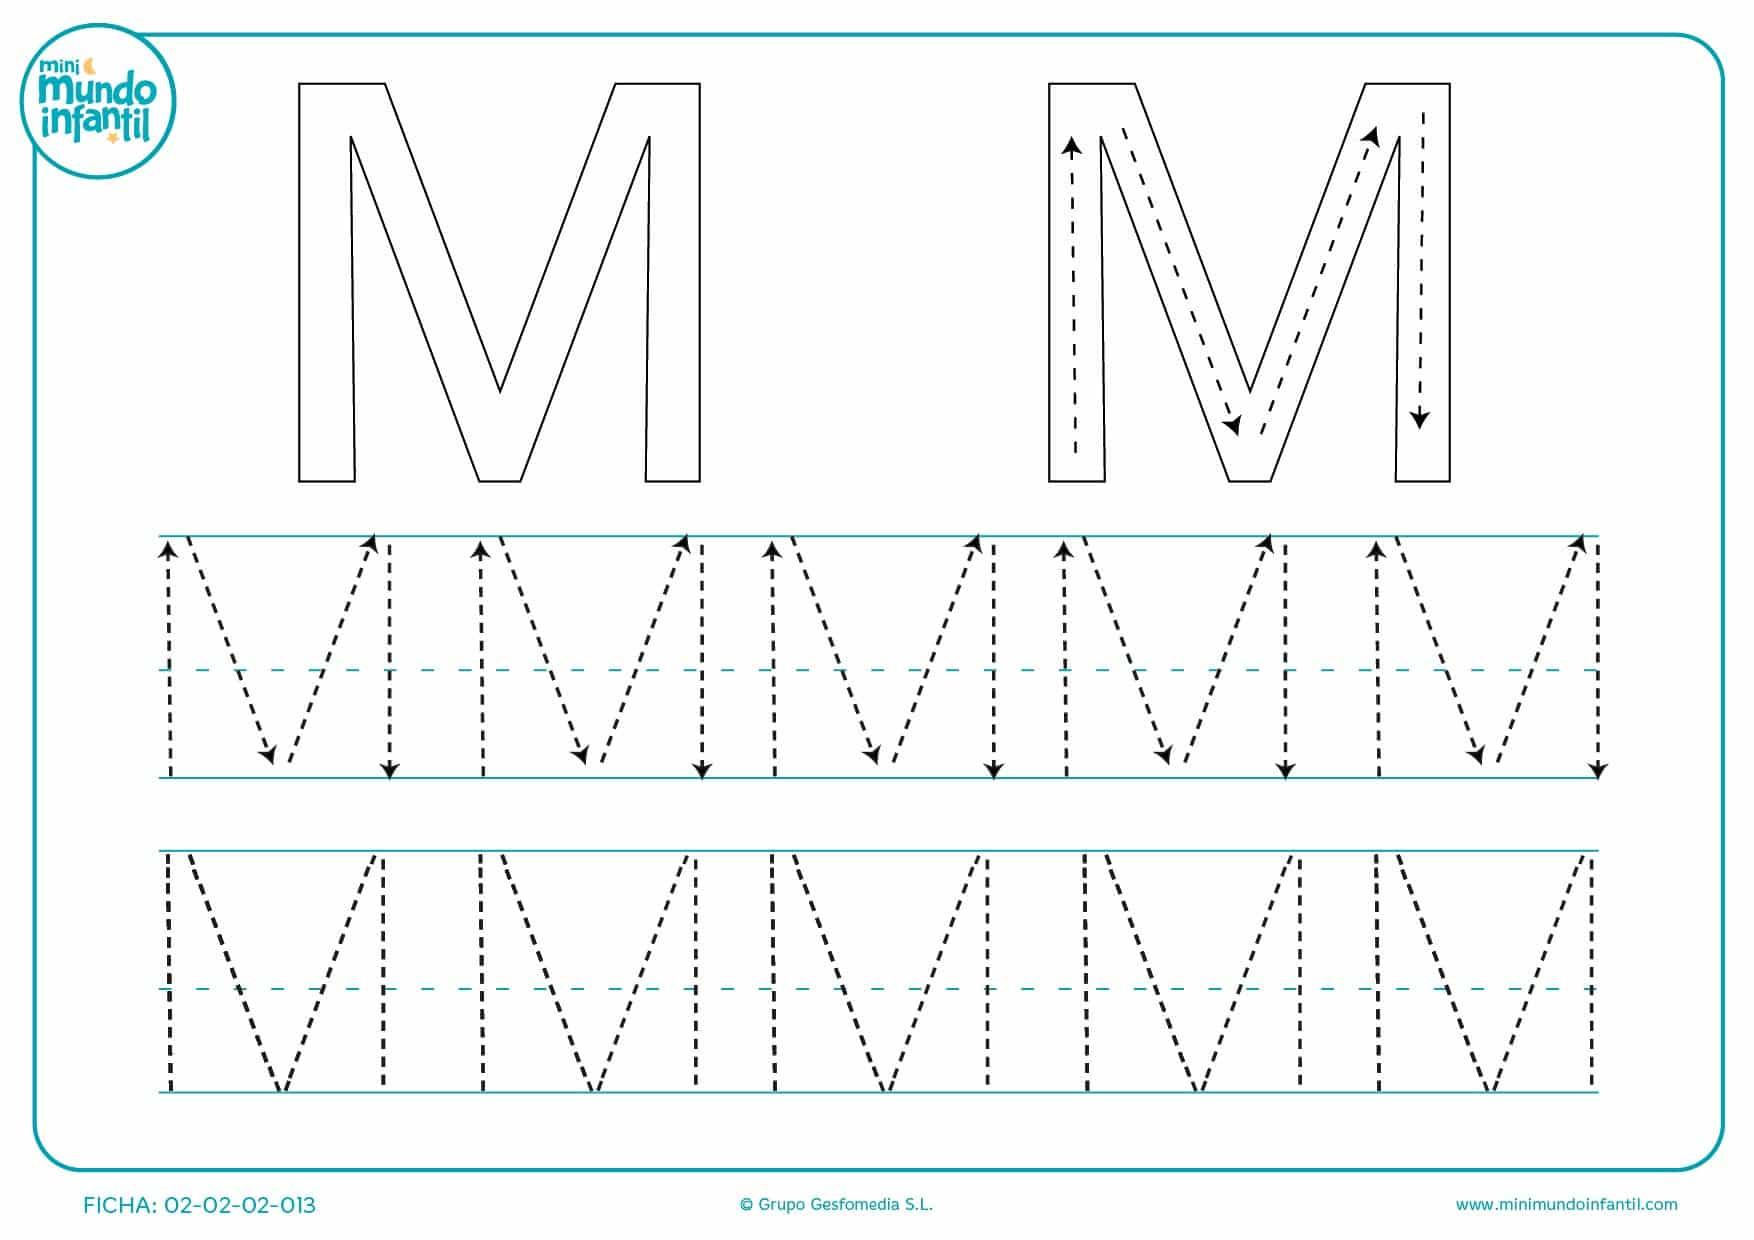 Tarea de repasar con y sin flechas los trazos de la letra M mayúscula